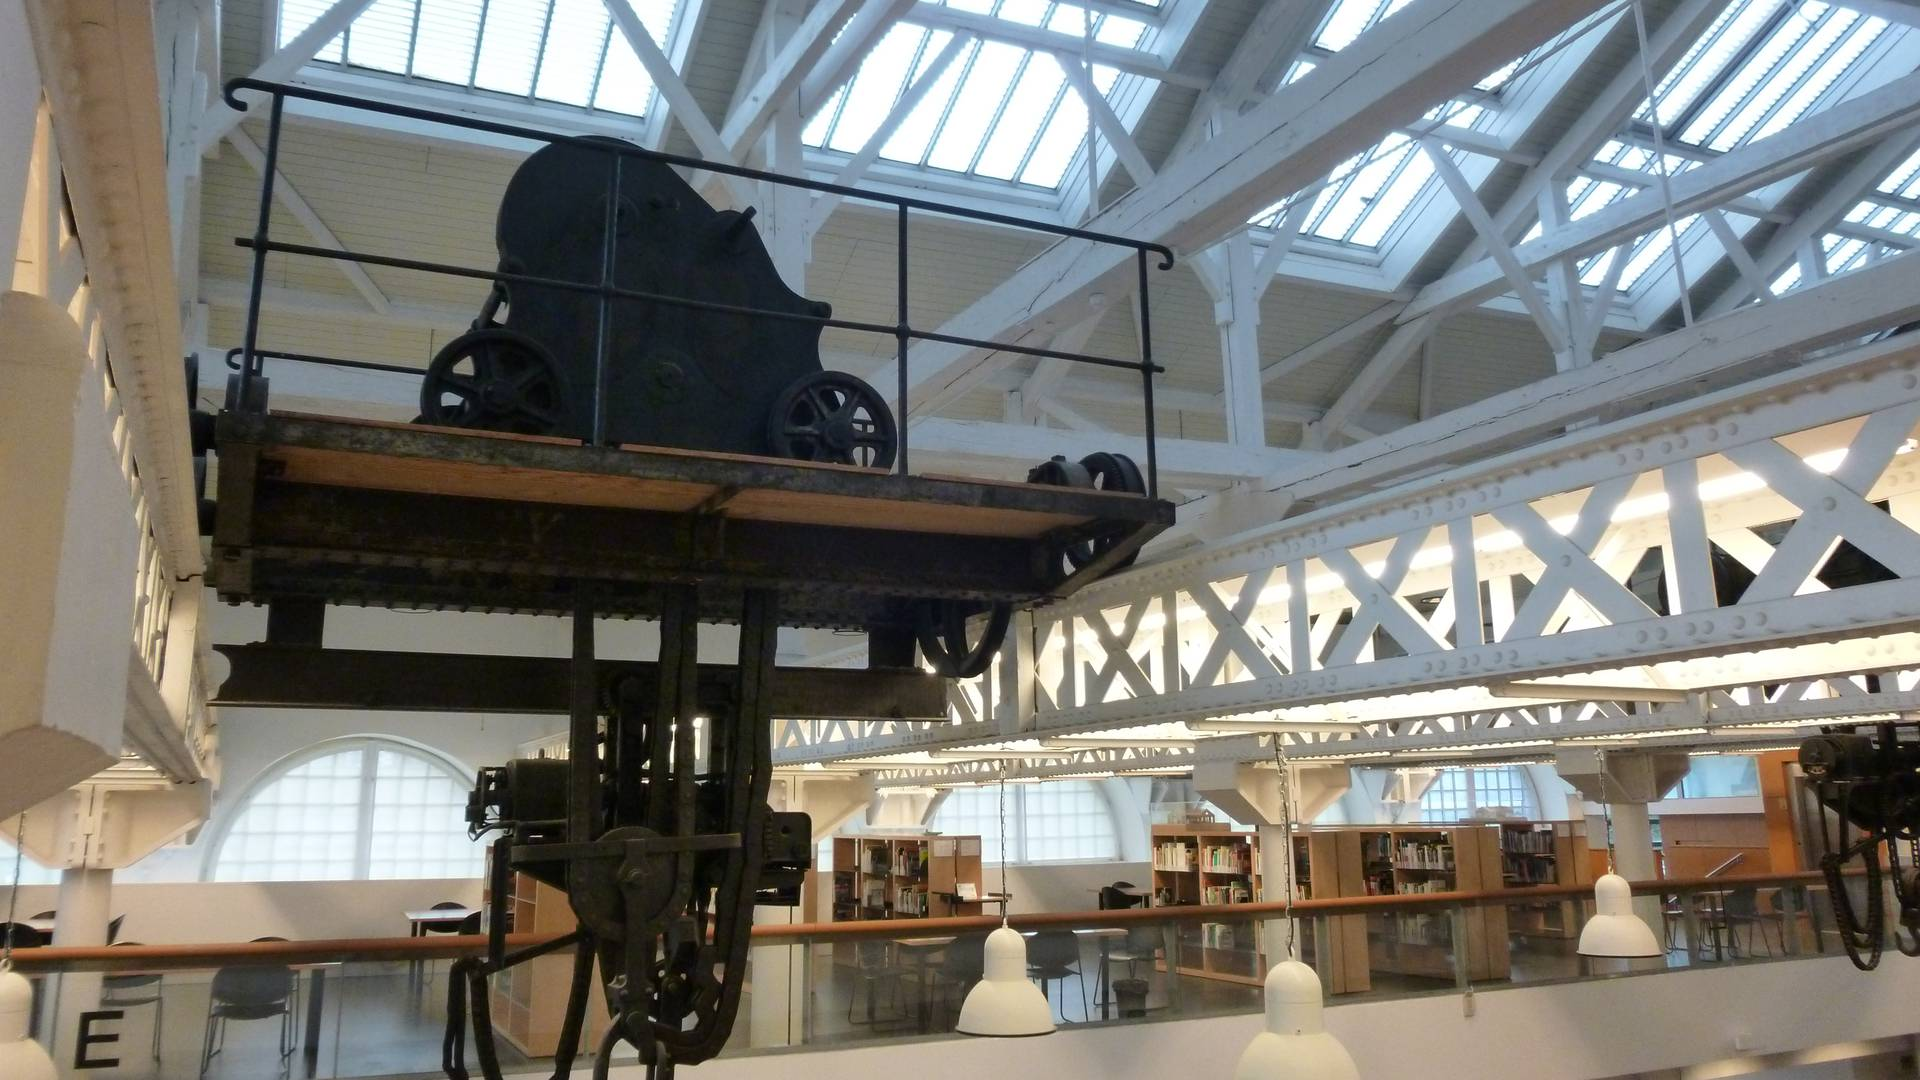 Une halle industrielle reconvertie en bibliothèque. © Creusot Montceau Tourisme.